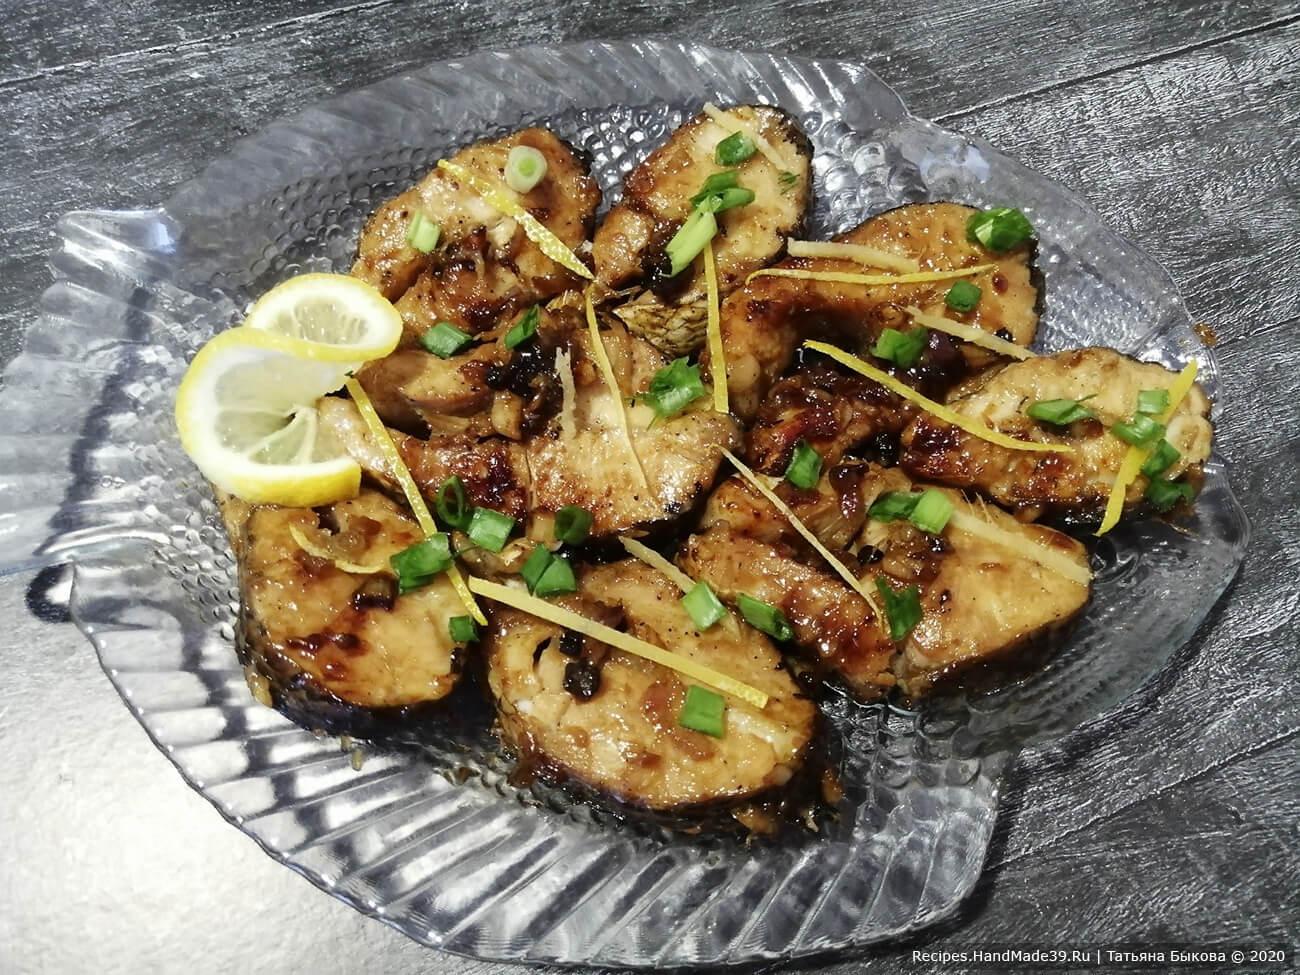 Рыба по-вьетнамски в карамели – пошаговый рецепт с фото. Как вкусно мариновать и карамелизировать рыбу. Рецепты с имбирём и соевым соусом.